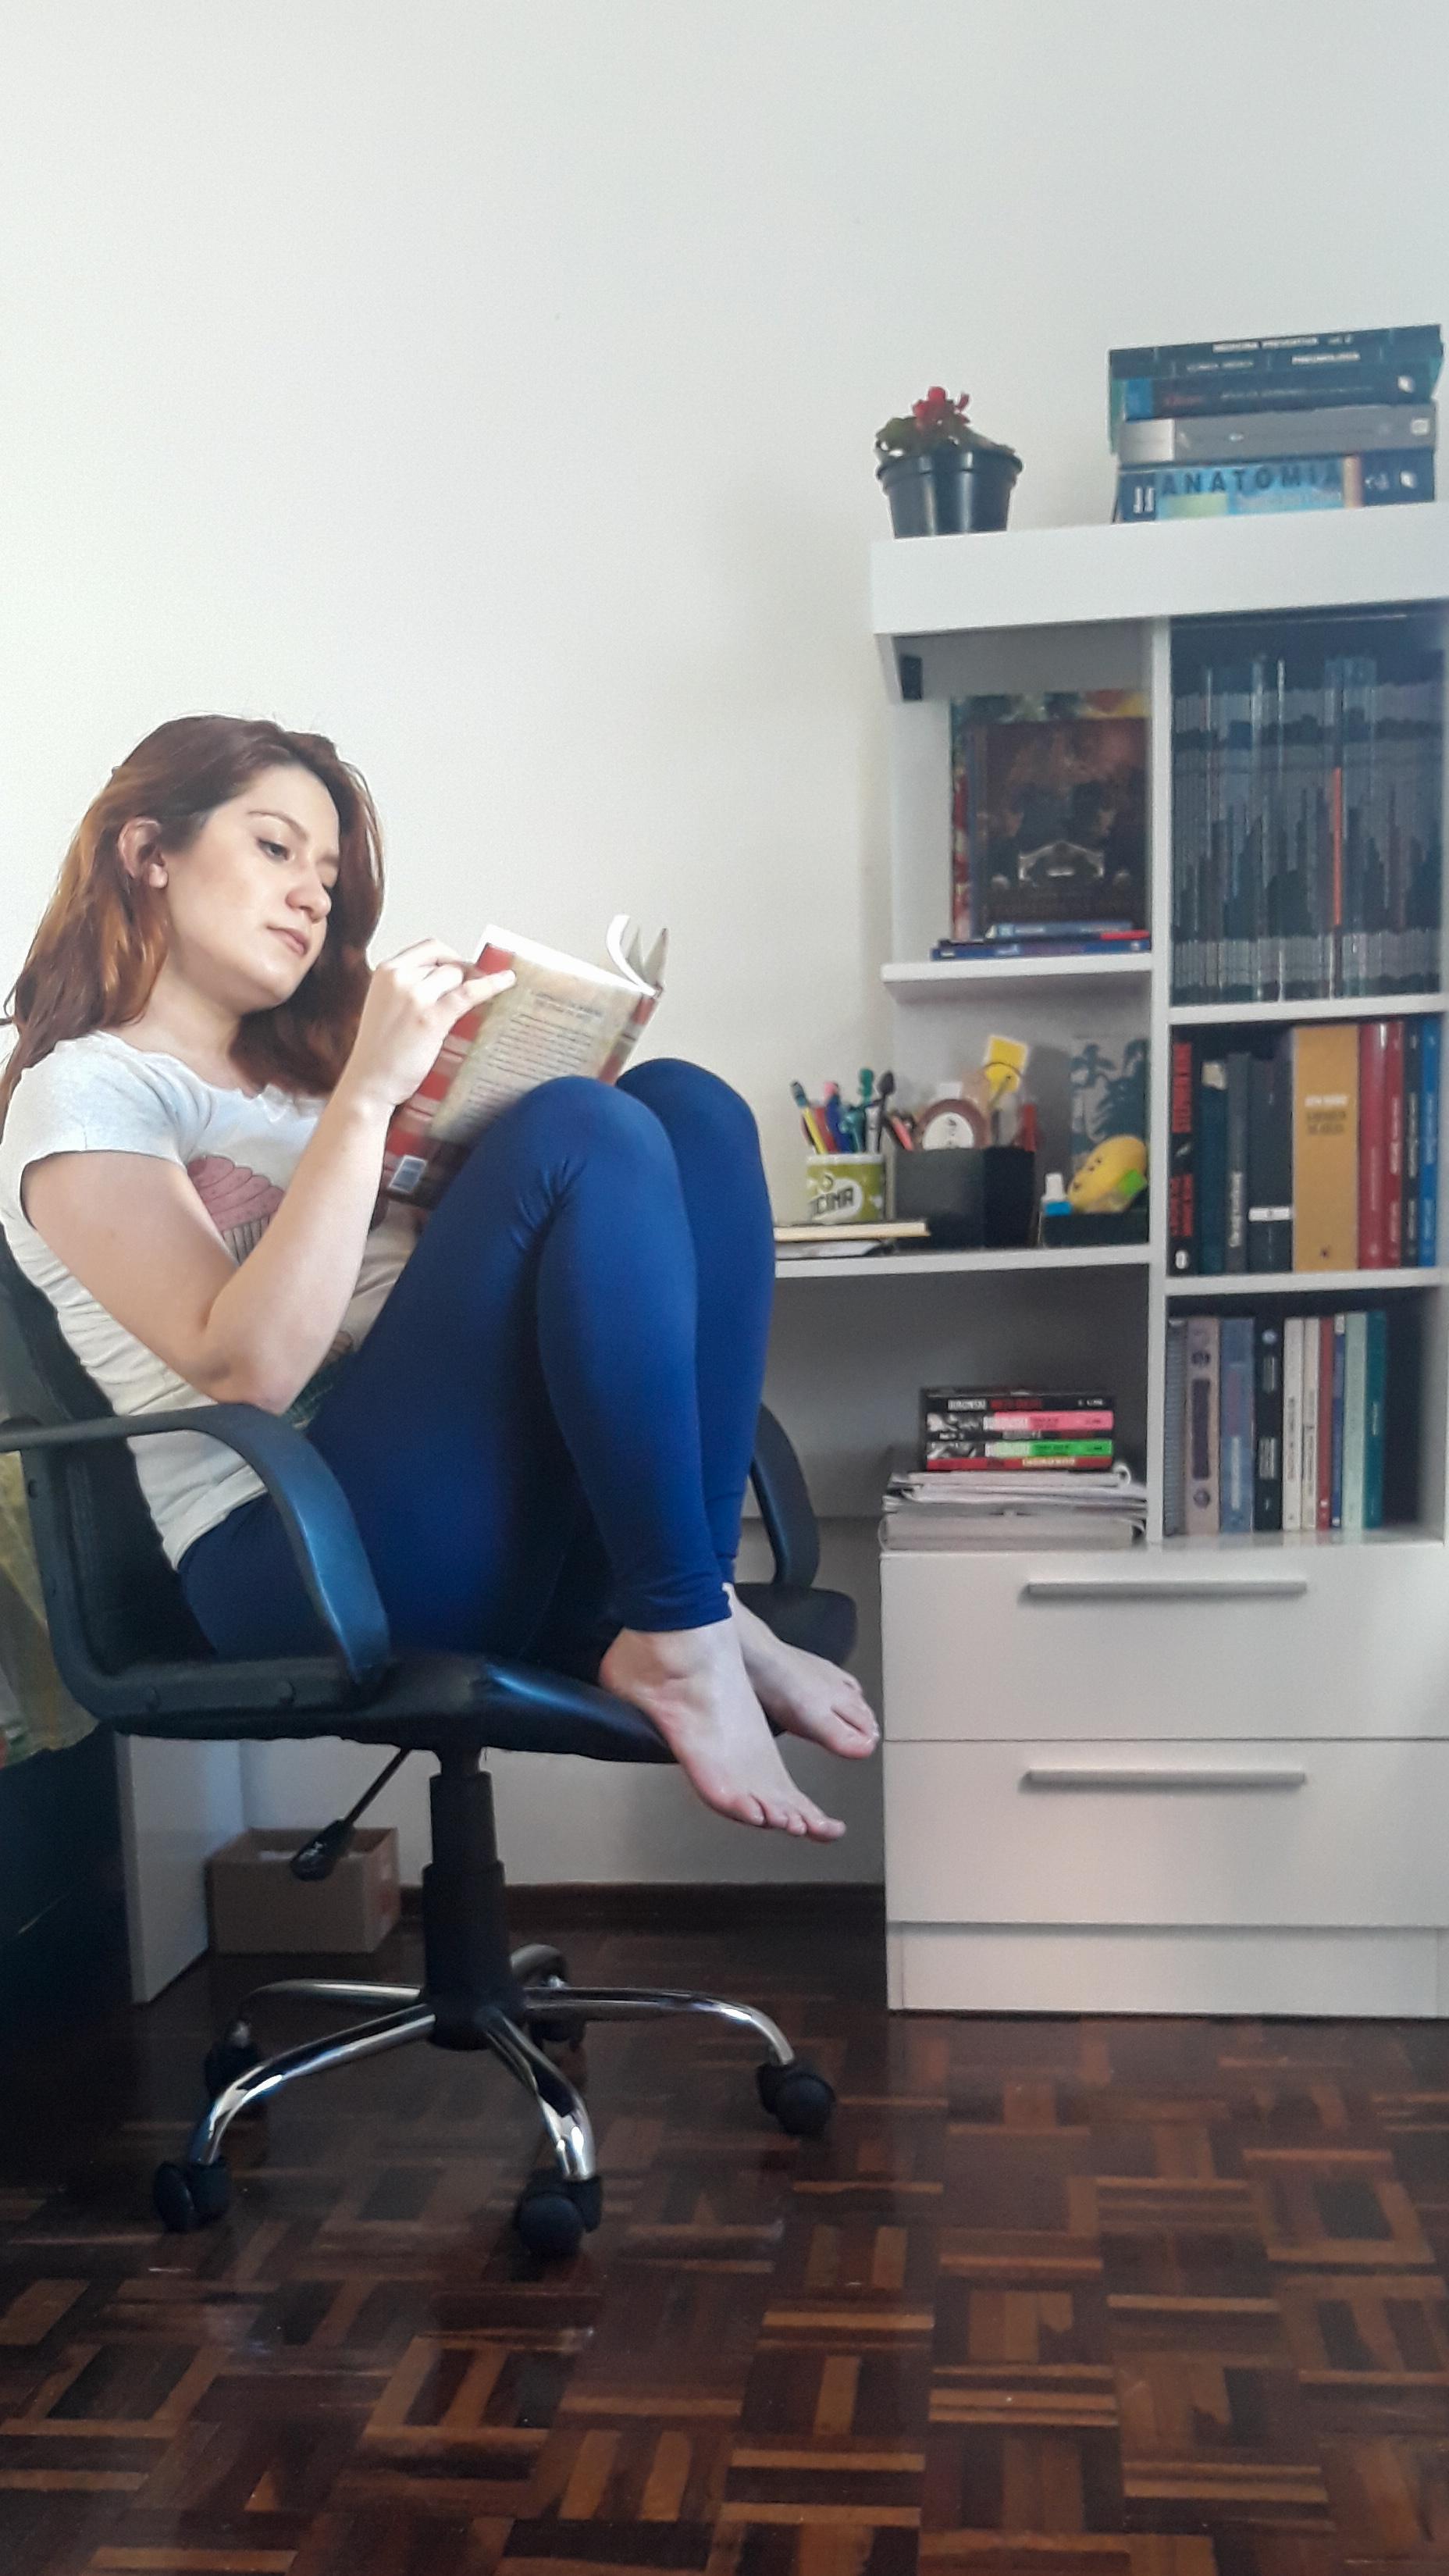 Entre os sintomas de ansiedade sentidos por Karla Pinheiro, 24, estavam a irritabilidade, taquicardia e formigamento nas mãos